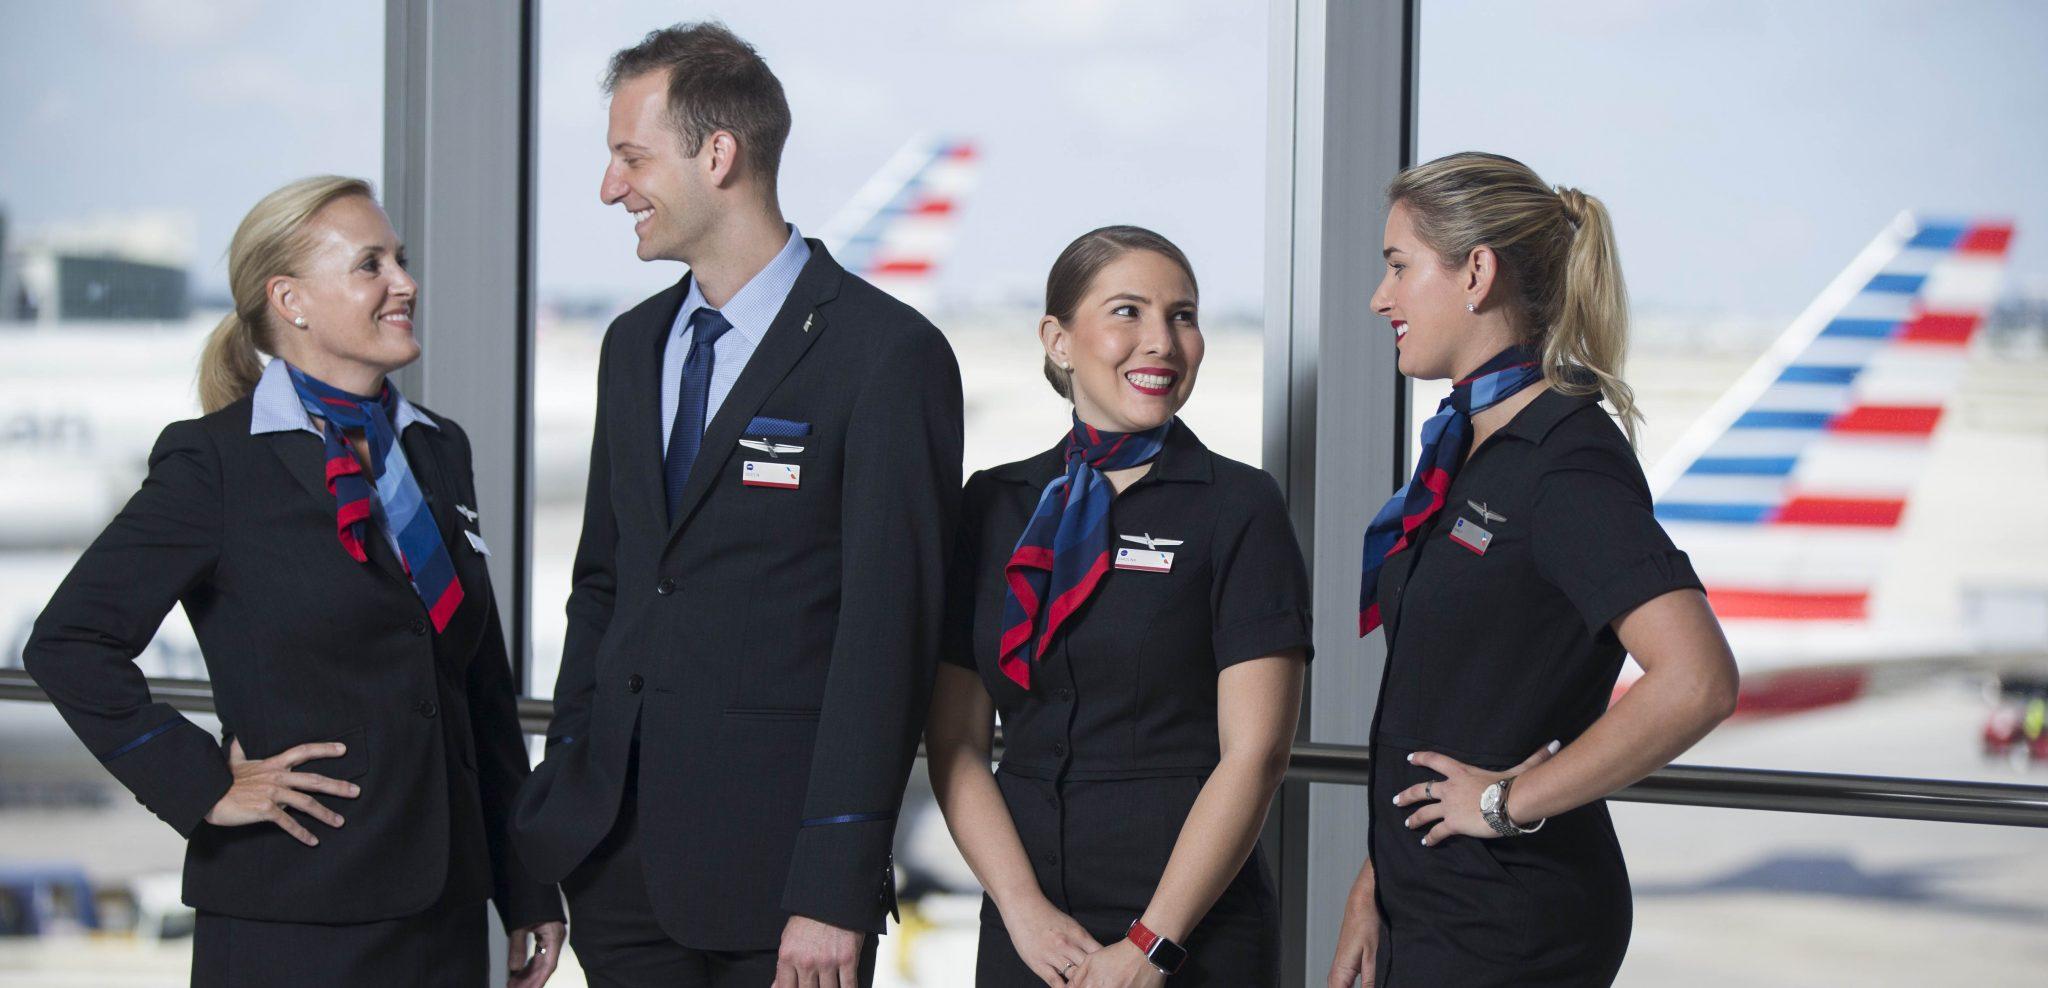 American Airlines celebra 17 años de calificación perfecta en su compromiso con la comunidad LGBTQ